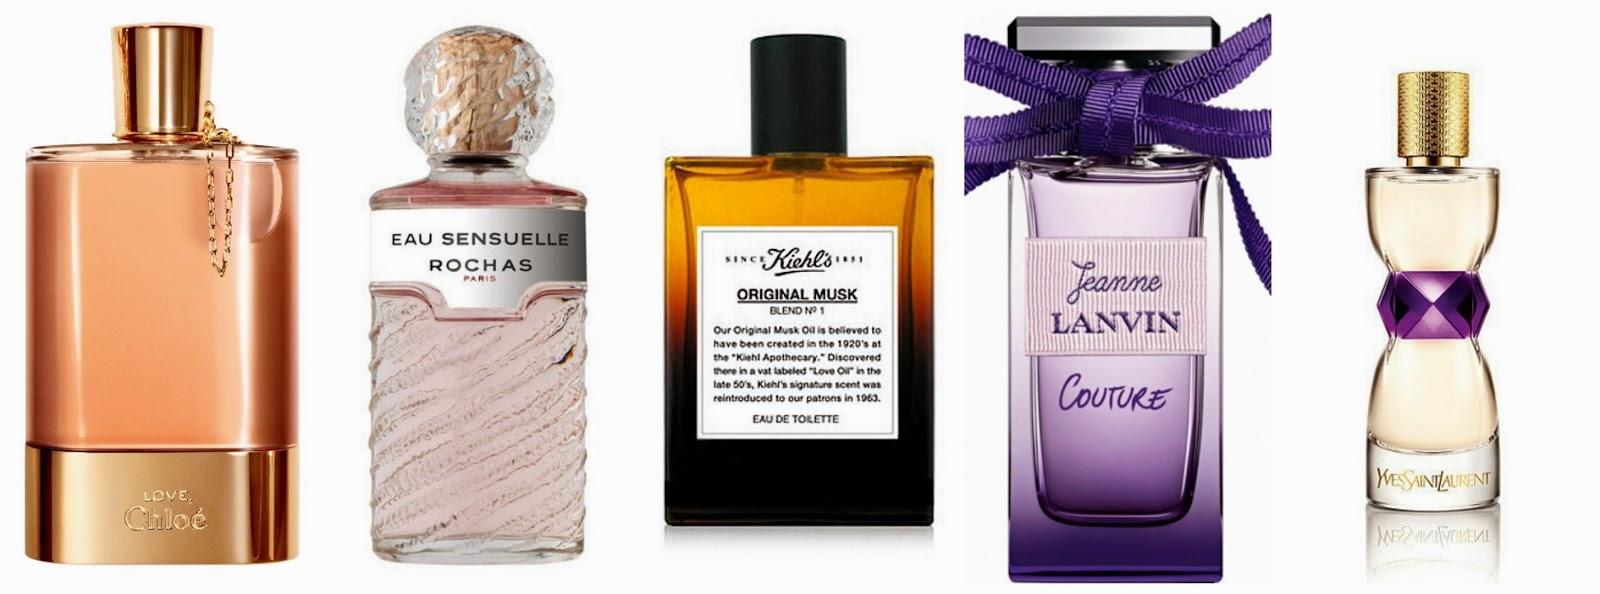 45414d7574a Aegade jooksul on mul kogunenud mitukümmend parfüümitestrit ning kuna  järjepidevalt saavad otsa parfüümid mu enda kollektsioonist, otsustasin  sämpleid ...